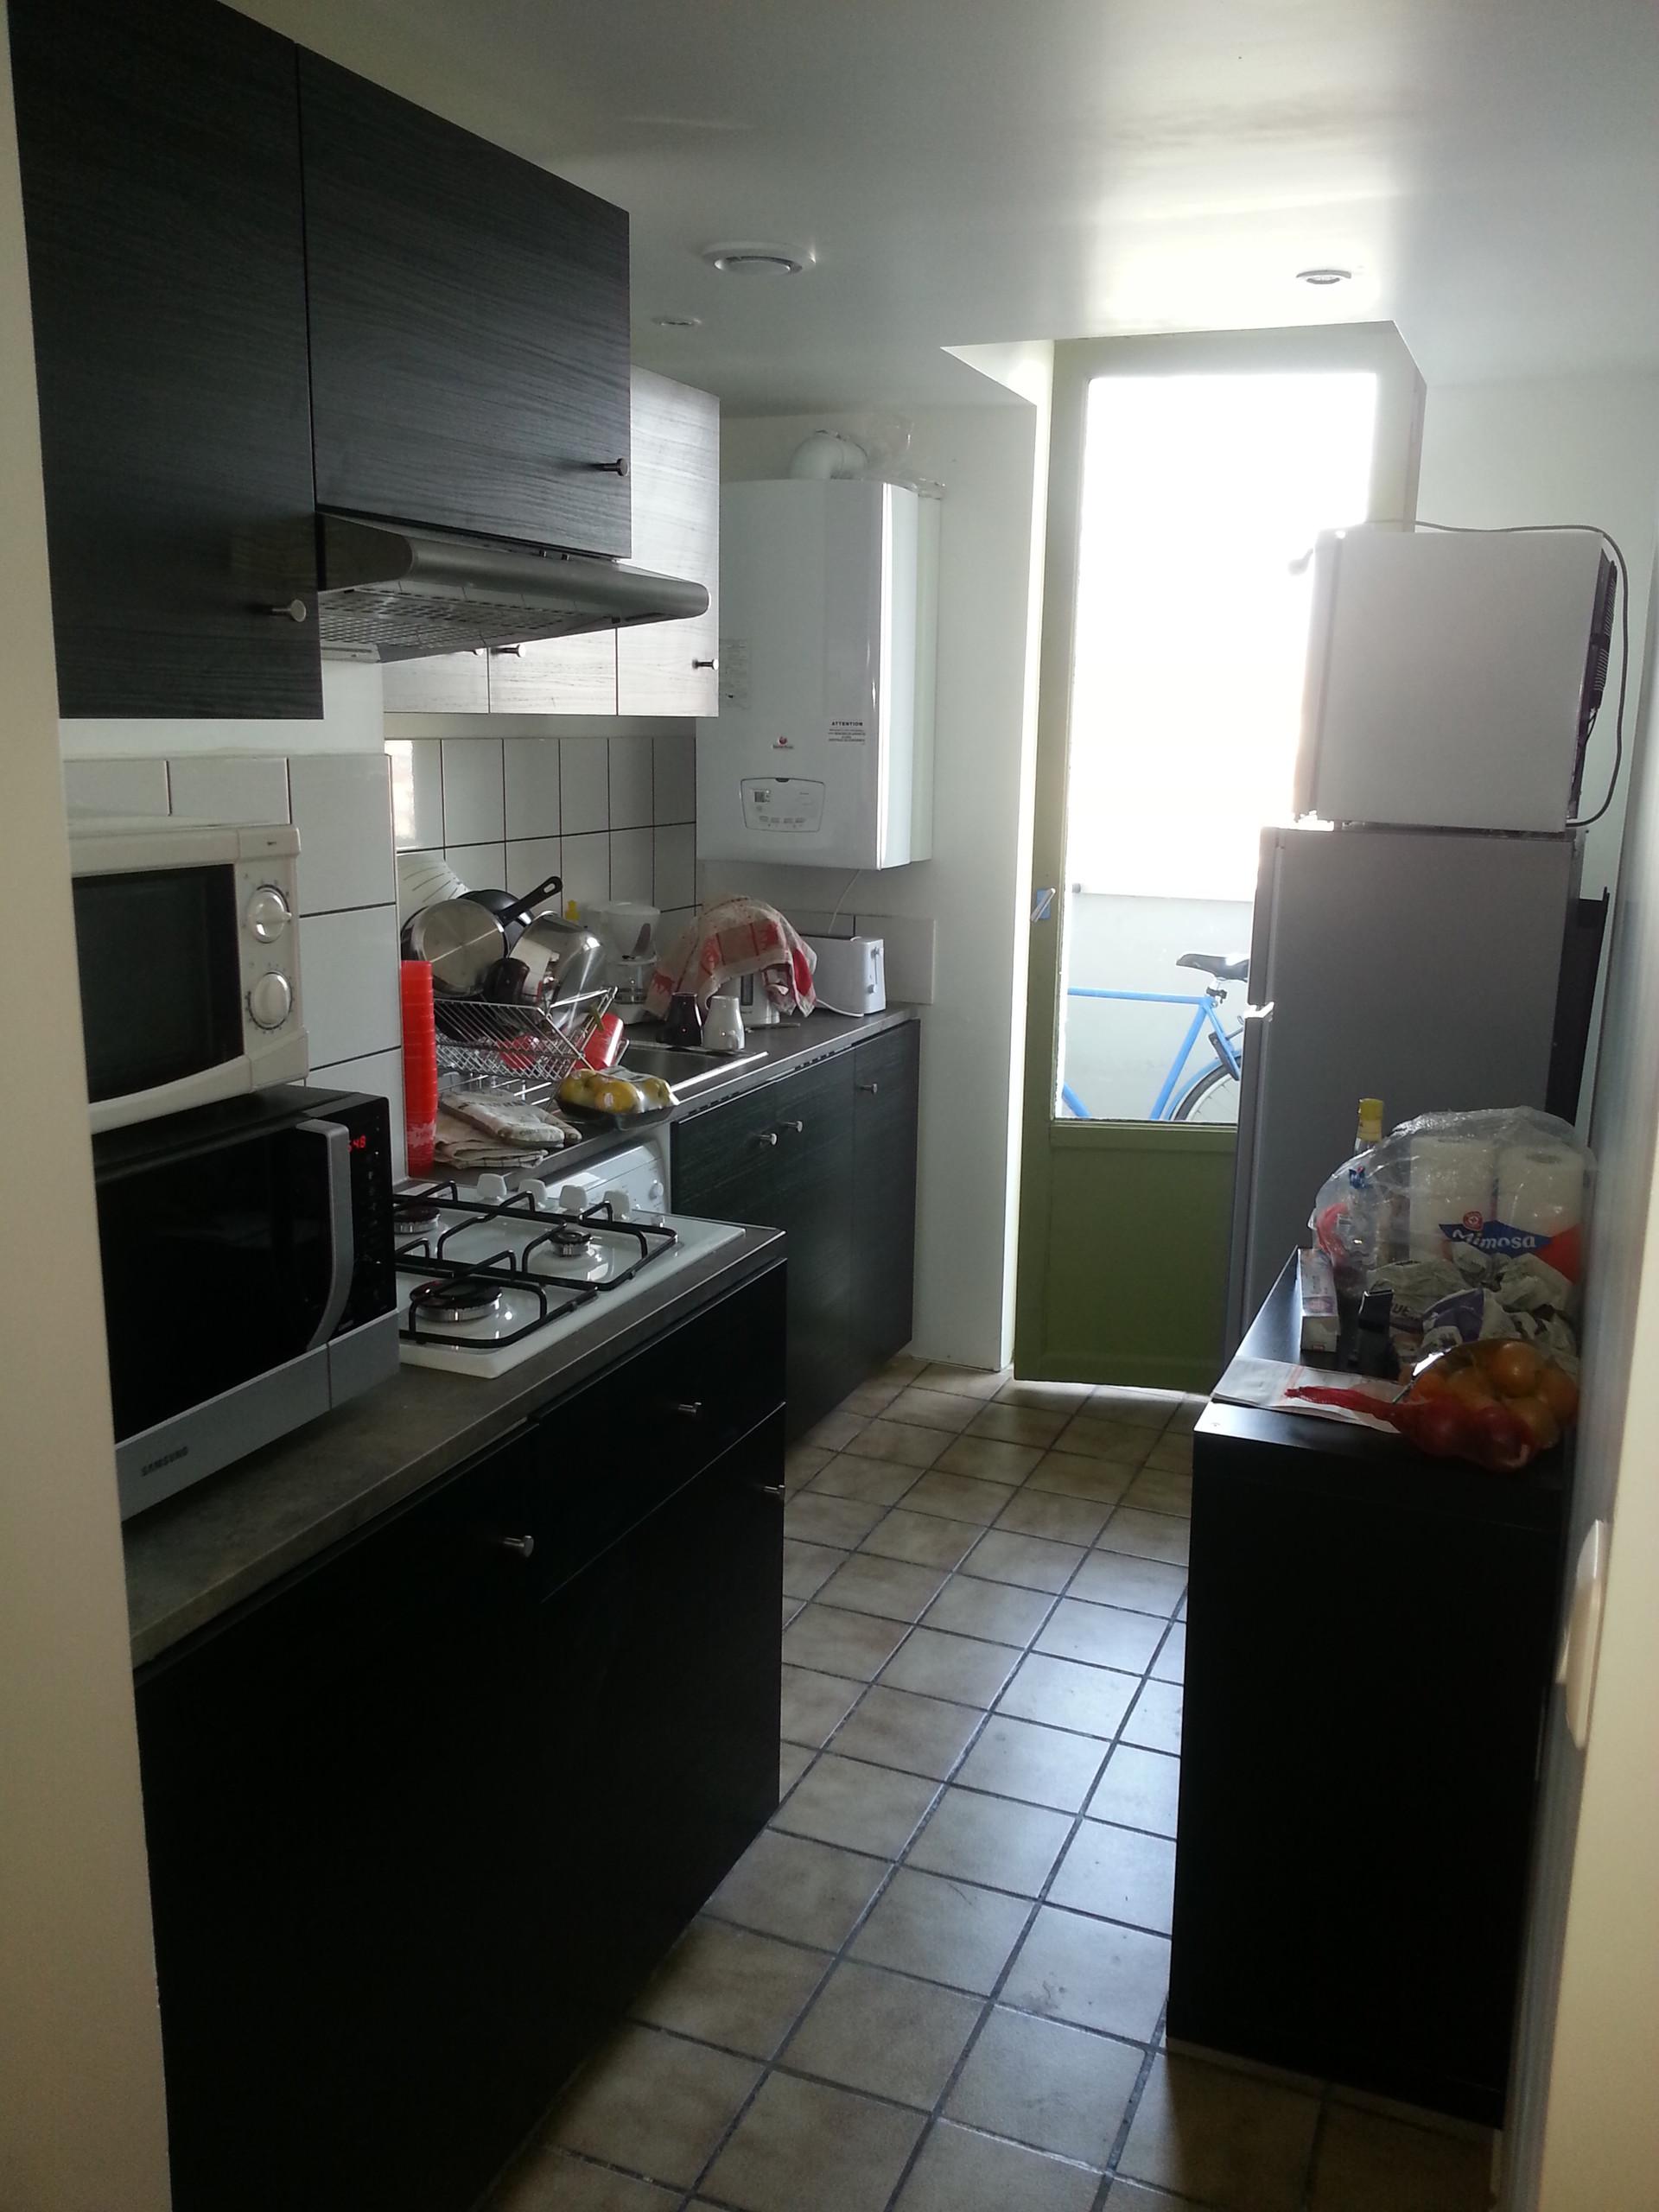 Appartement de 3 chambres au pied du métro Arènes